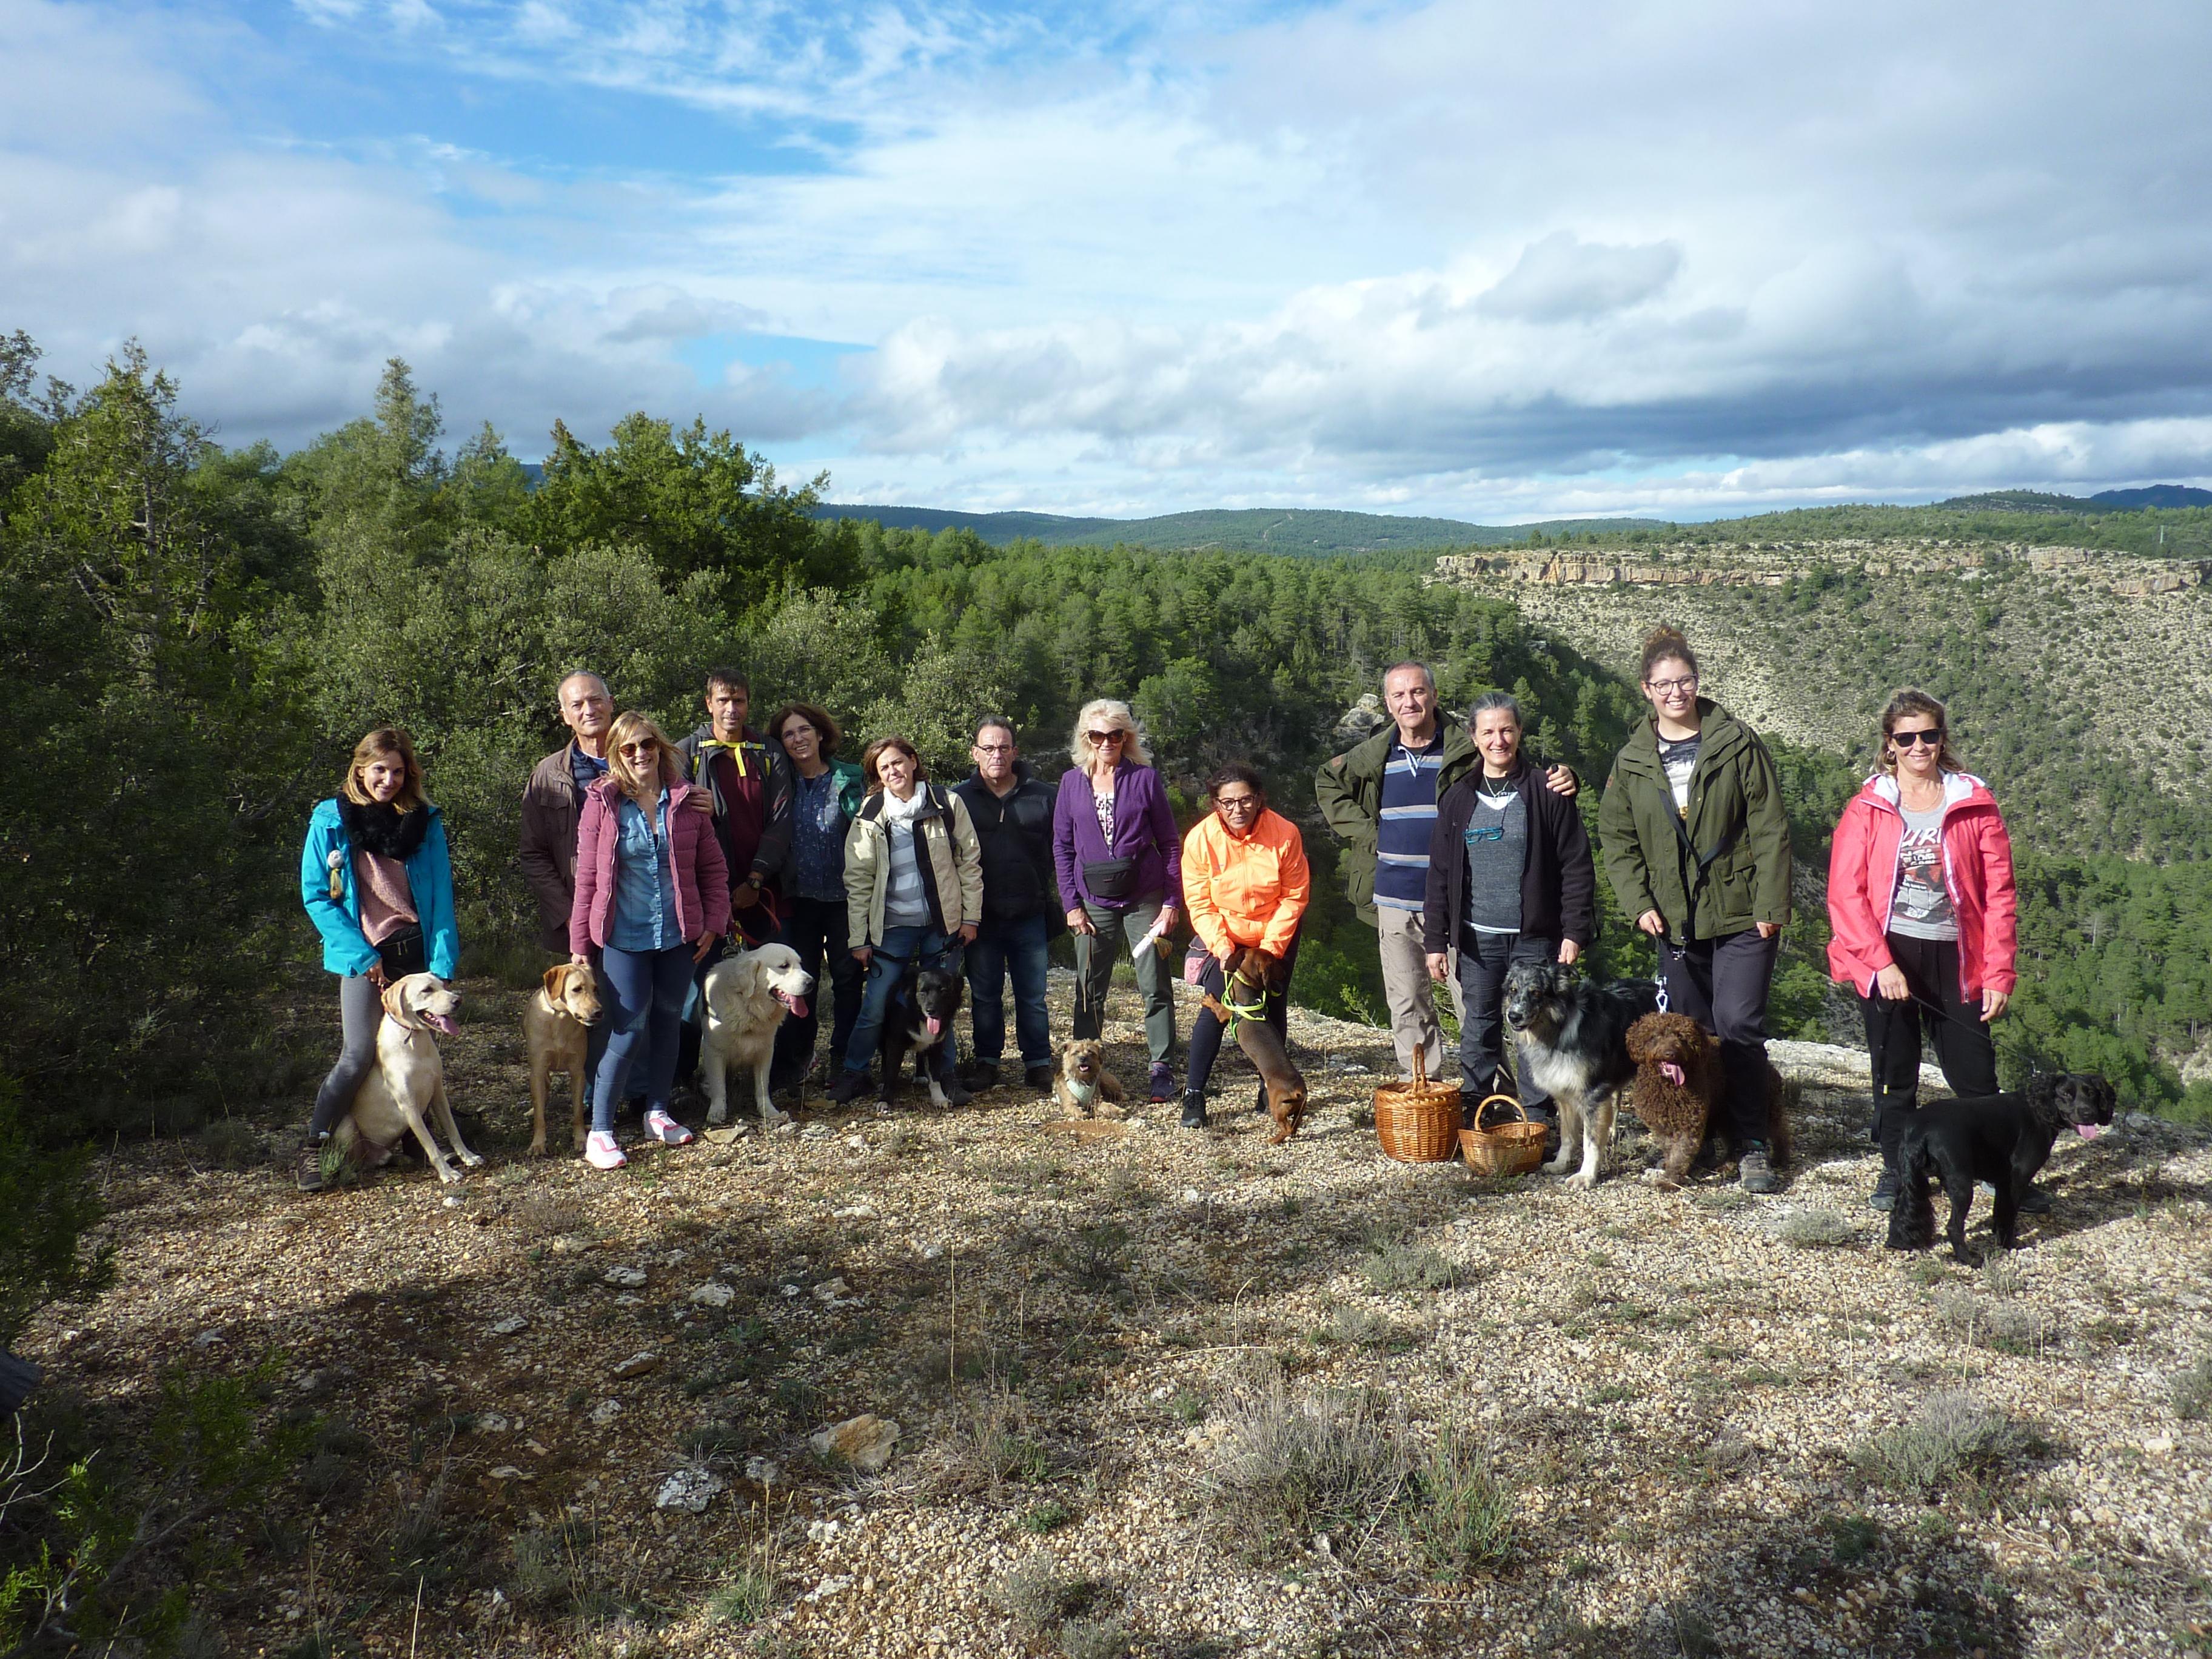 Actividades con perro y curso de adiestramiento canino 2019